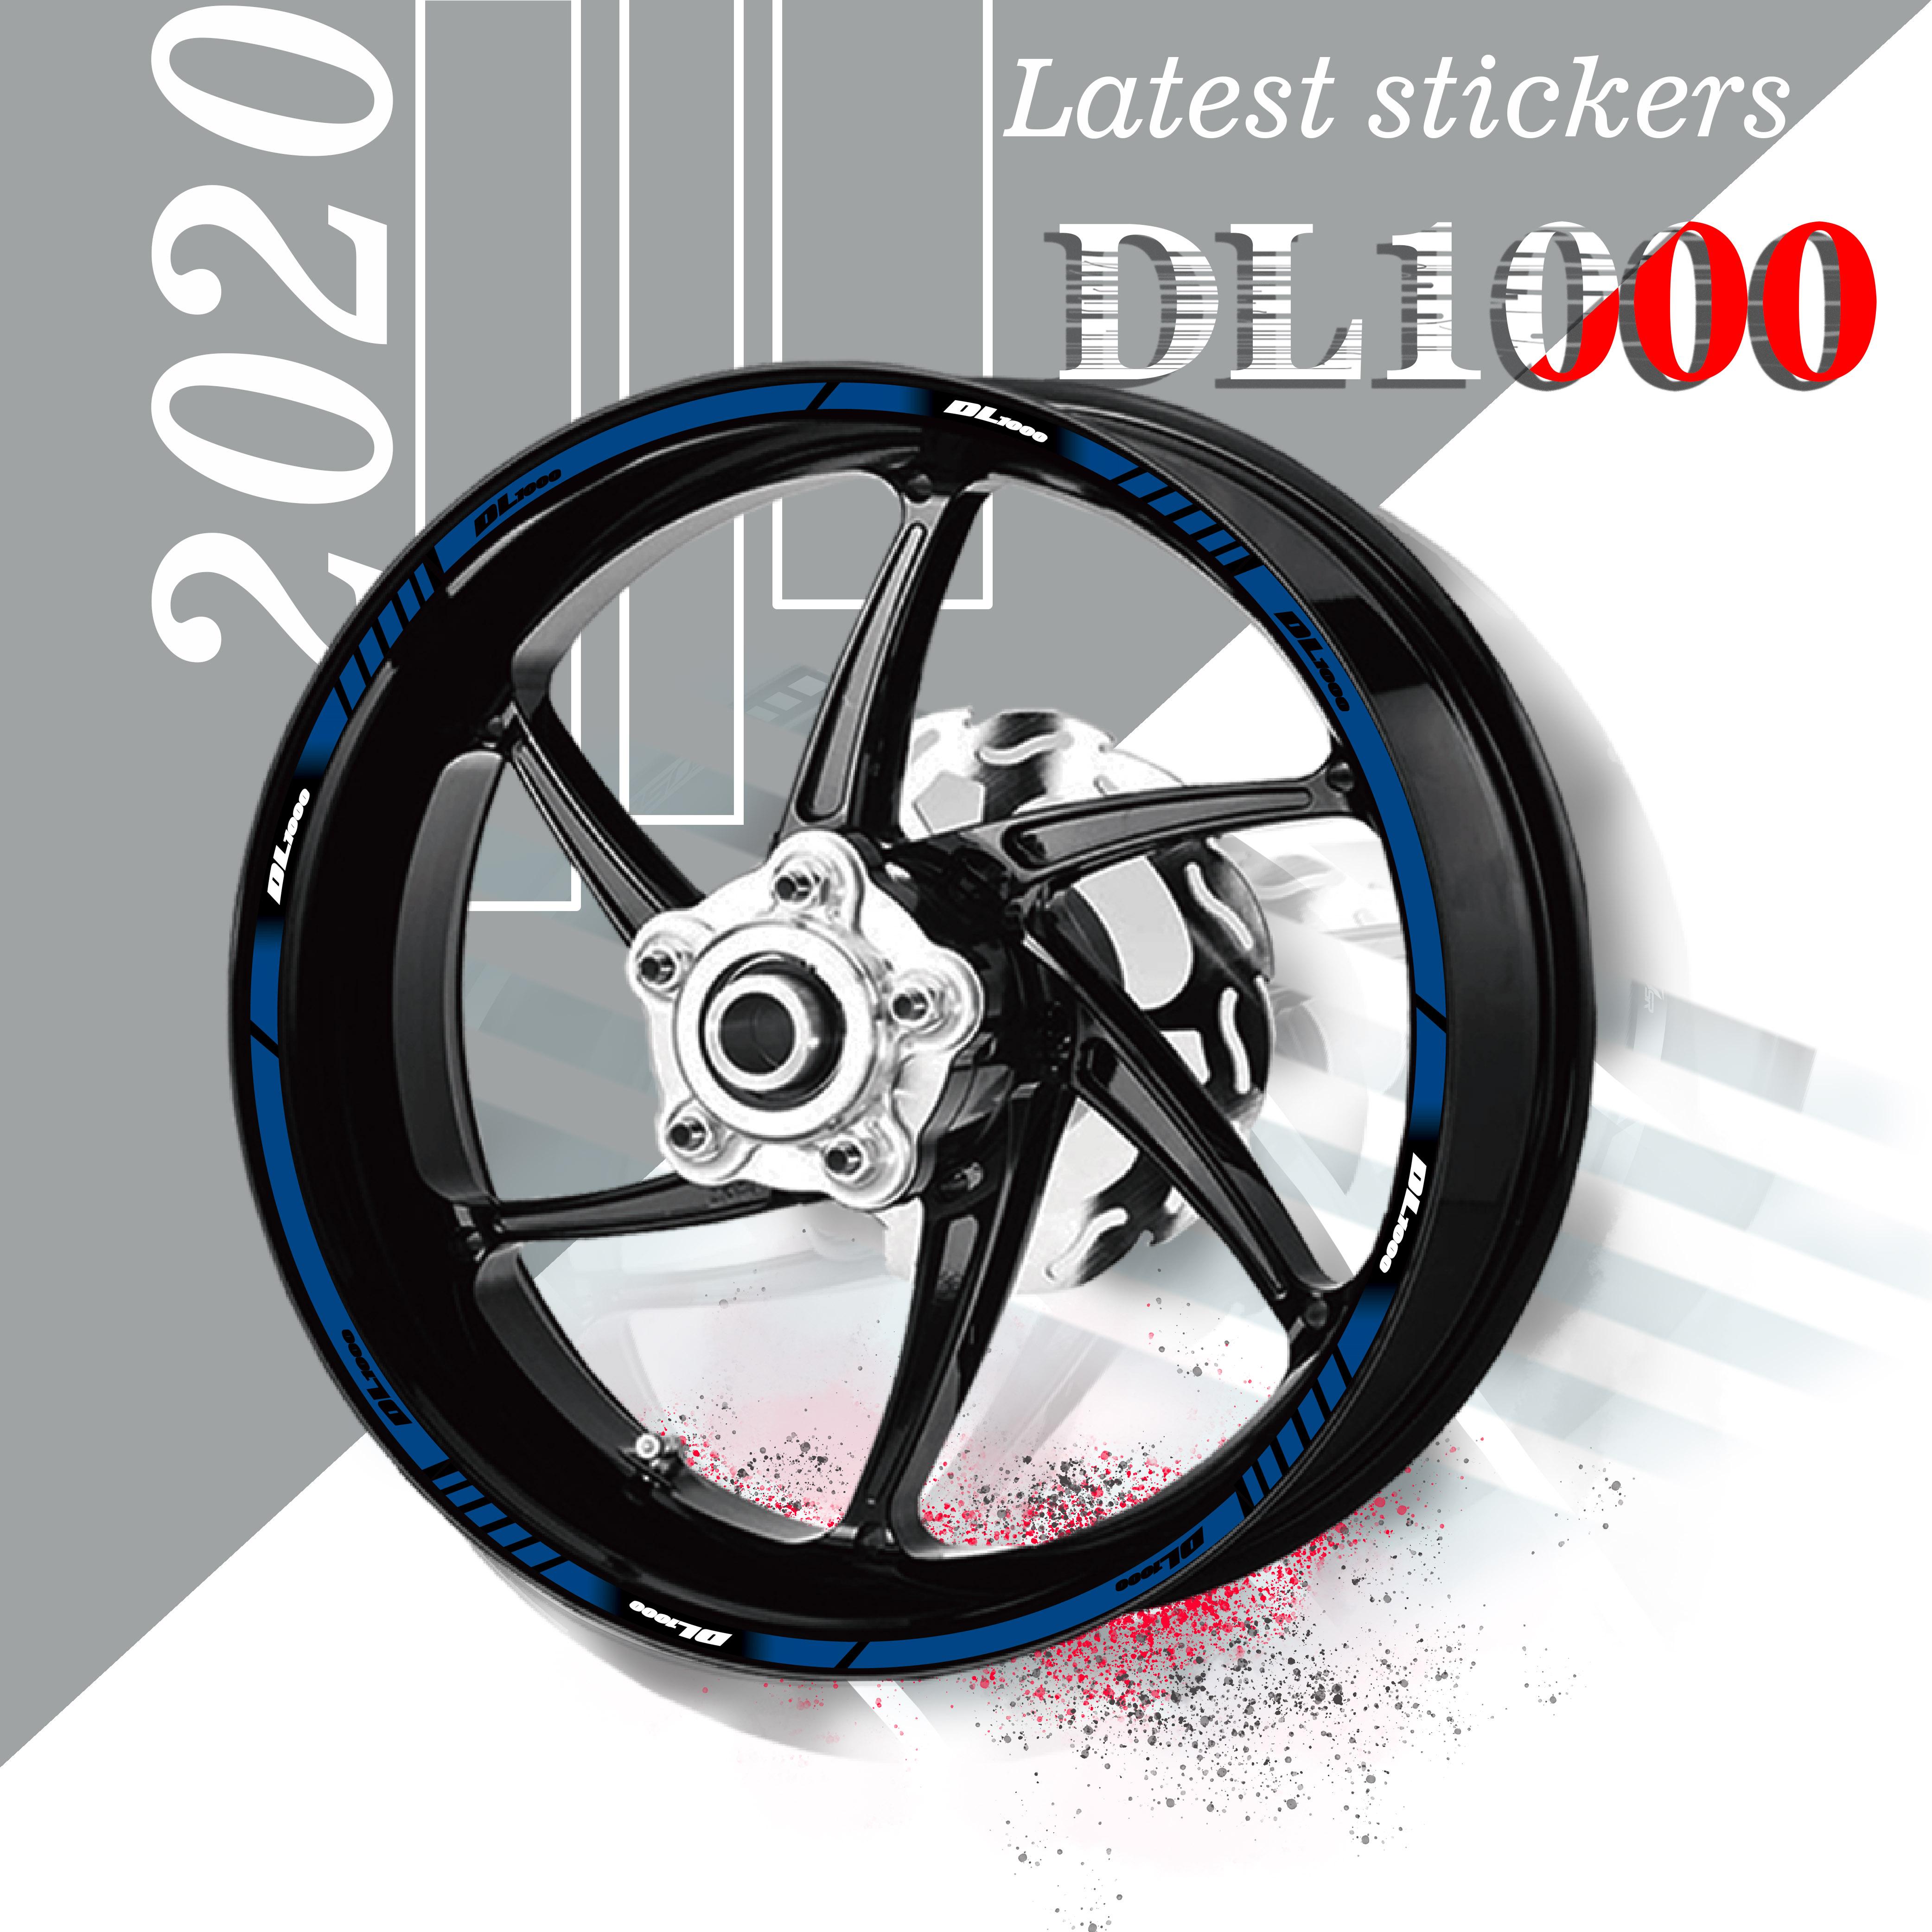 Pegatinas de cobertura completa para neumáticos de motocicleta, pegatinas reflectoras impermeables para SUZUKI DL1000 dl1000 dl 1000